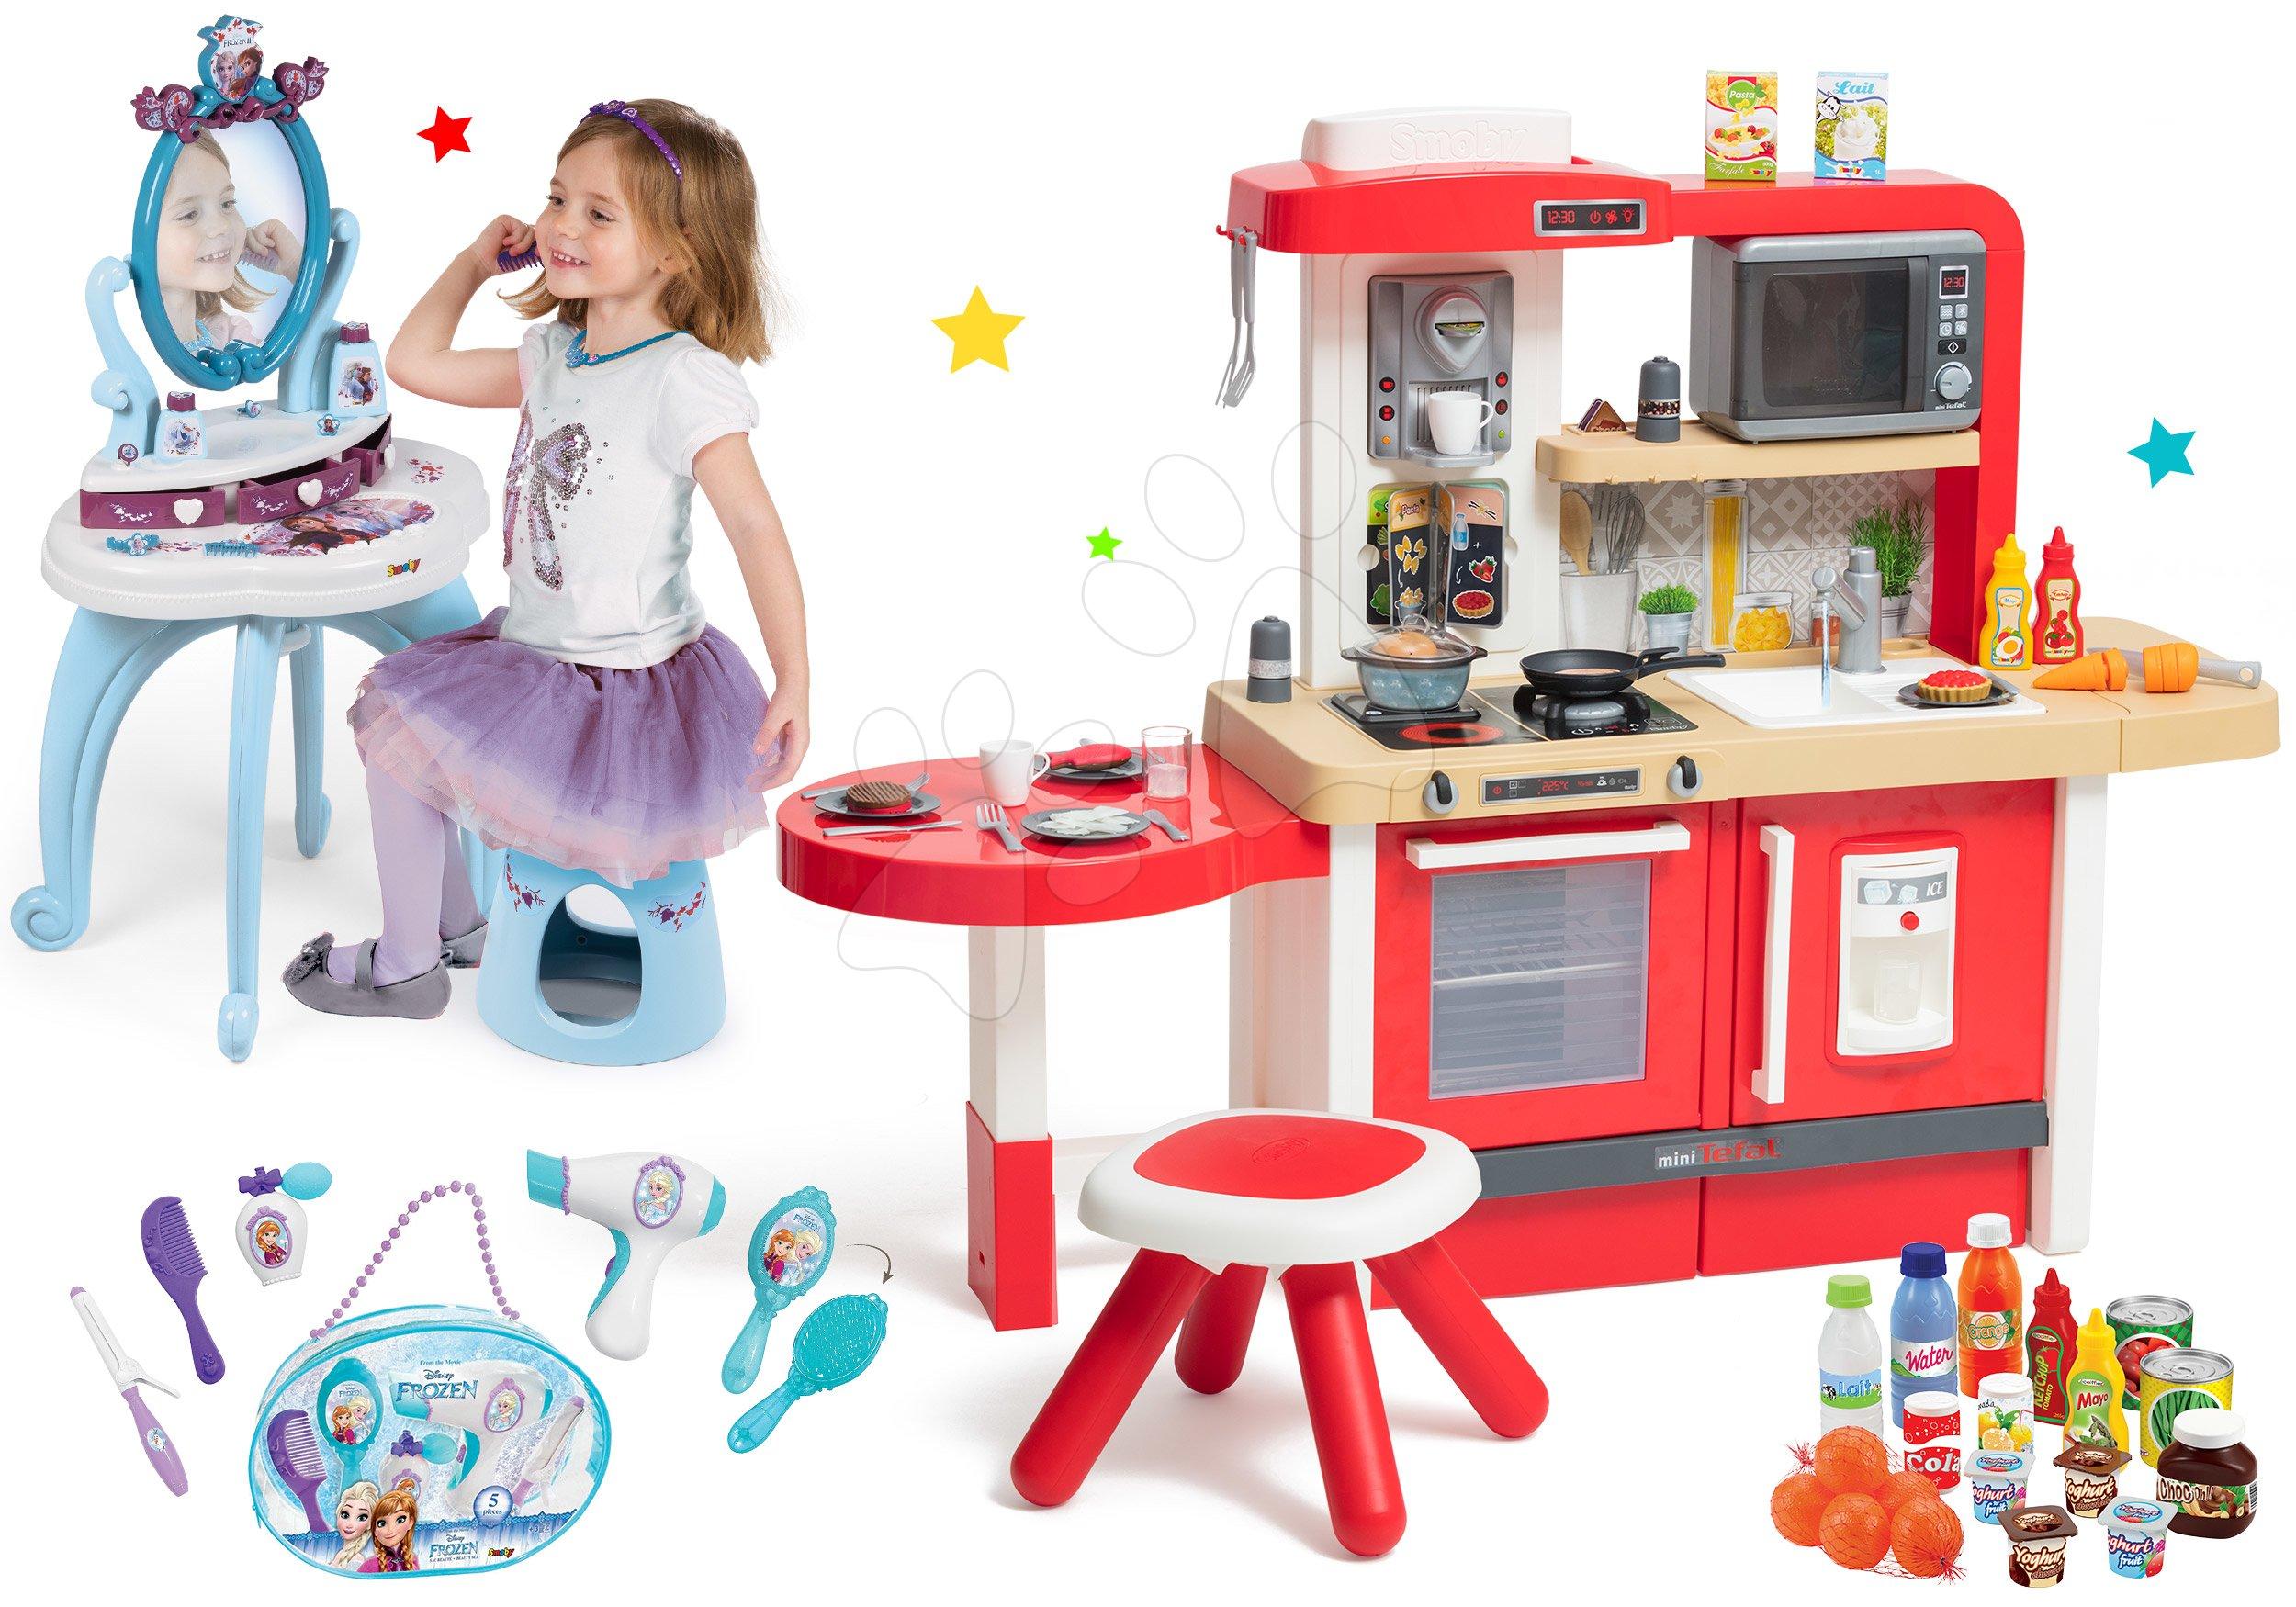 Set kuchynka rastúca s tečúcou vodou a mikrovlnkou Tefal Evolutive Smoby a kozmetický stolík Frozen s taštičkou pre kaderníčku a potravinami